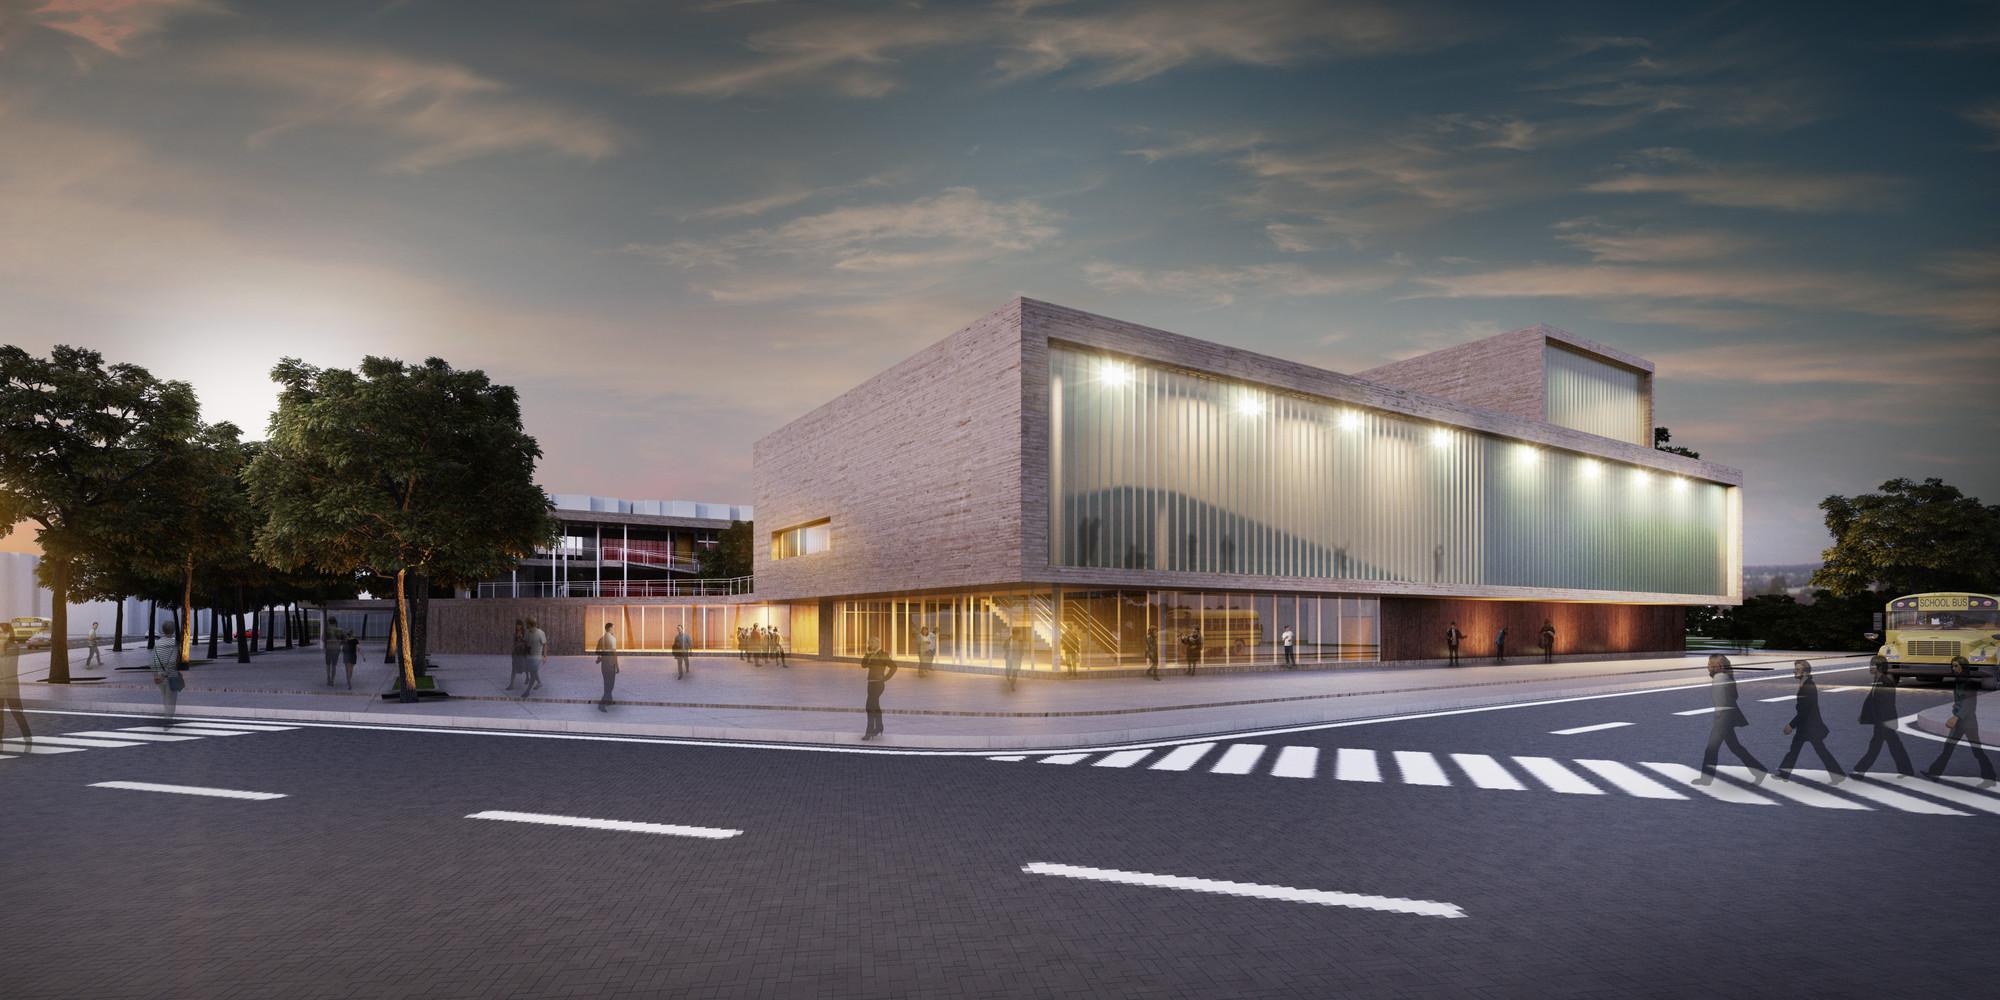 Cuarto Lugar Concurso Para el Diseño de Colegios y un Equipamiento Cultural – Teatro, en Bogotá / Colombia, Courtesy of JAC arquitectos + Mauricio Bravo Coral